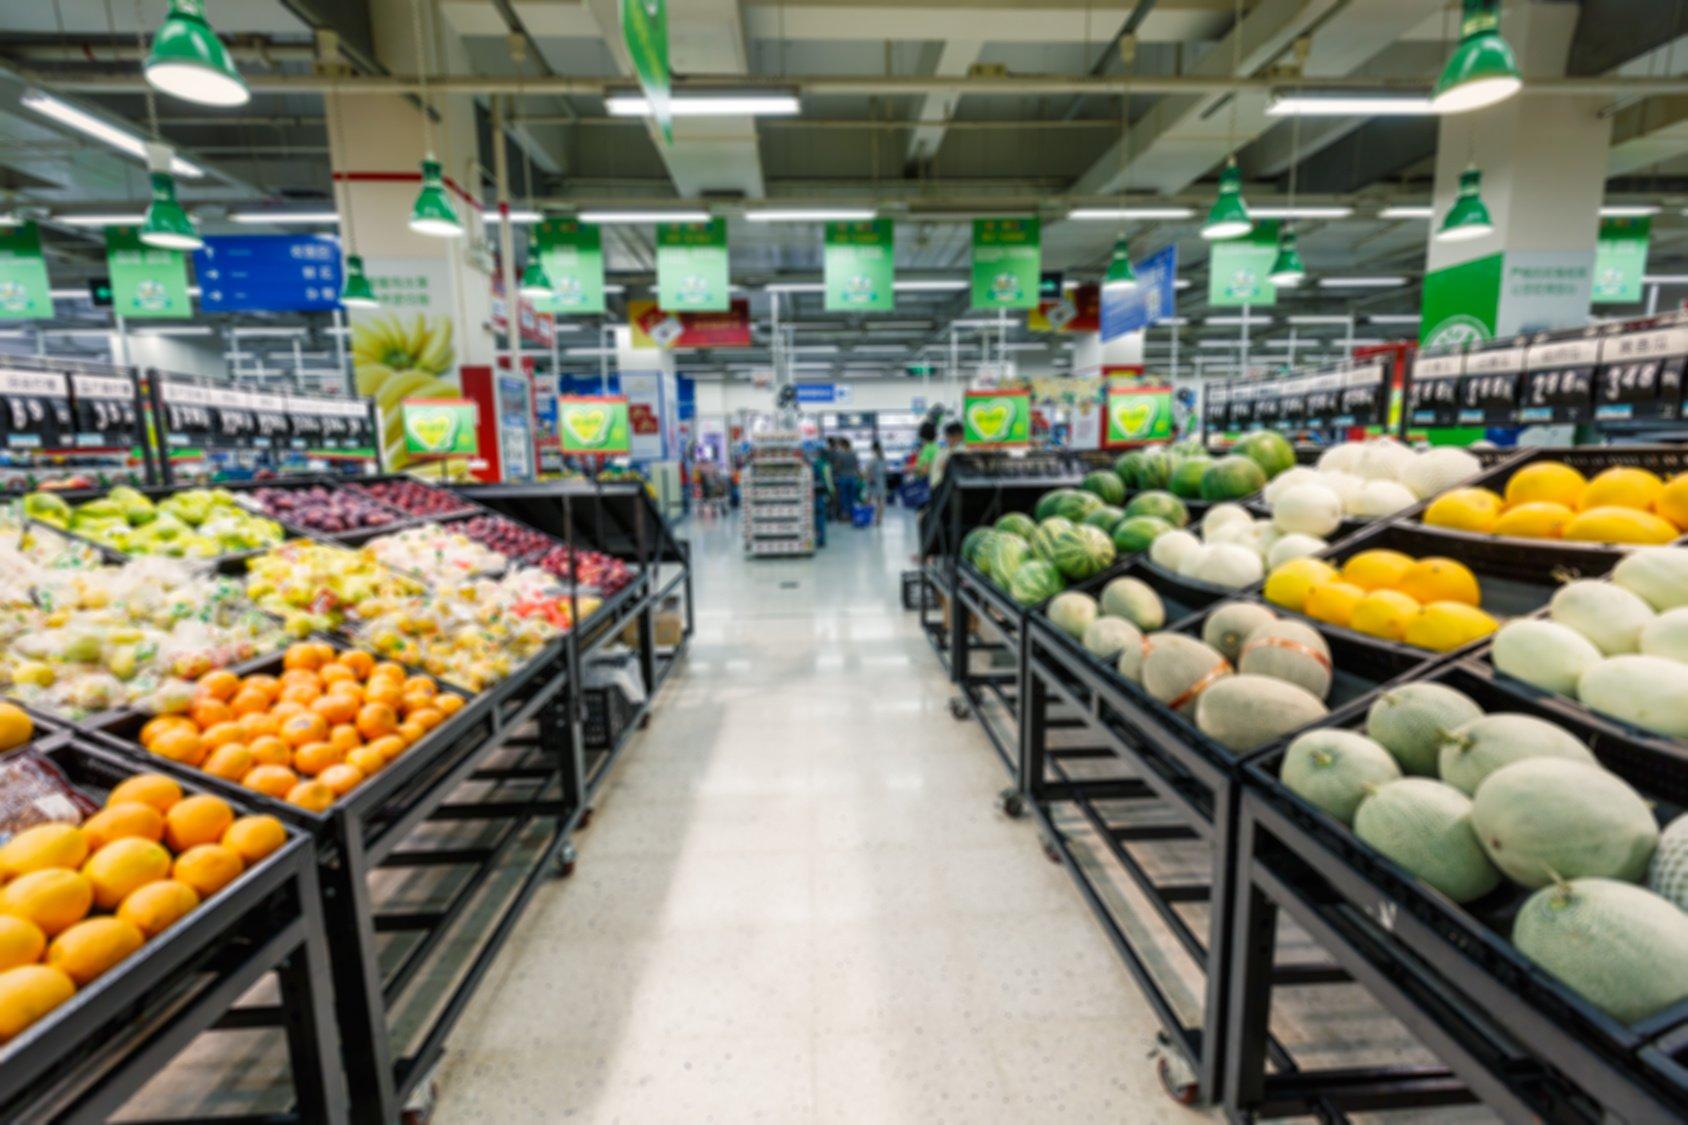 挑一周內的中間兩天買菜,既能避開人群,又能買到新鮮果蔬。多數超市都是周二上貨補貨,周三買菜最新鮮。(Fotolia)